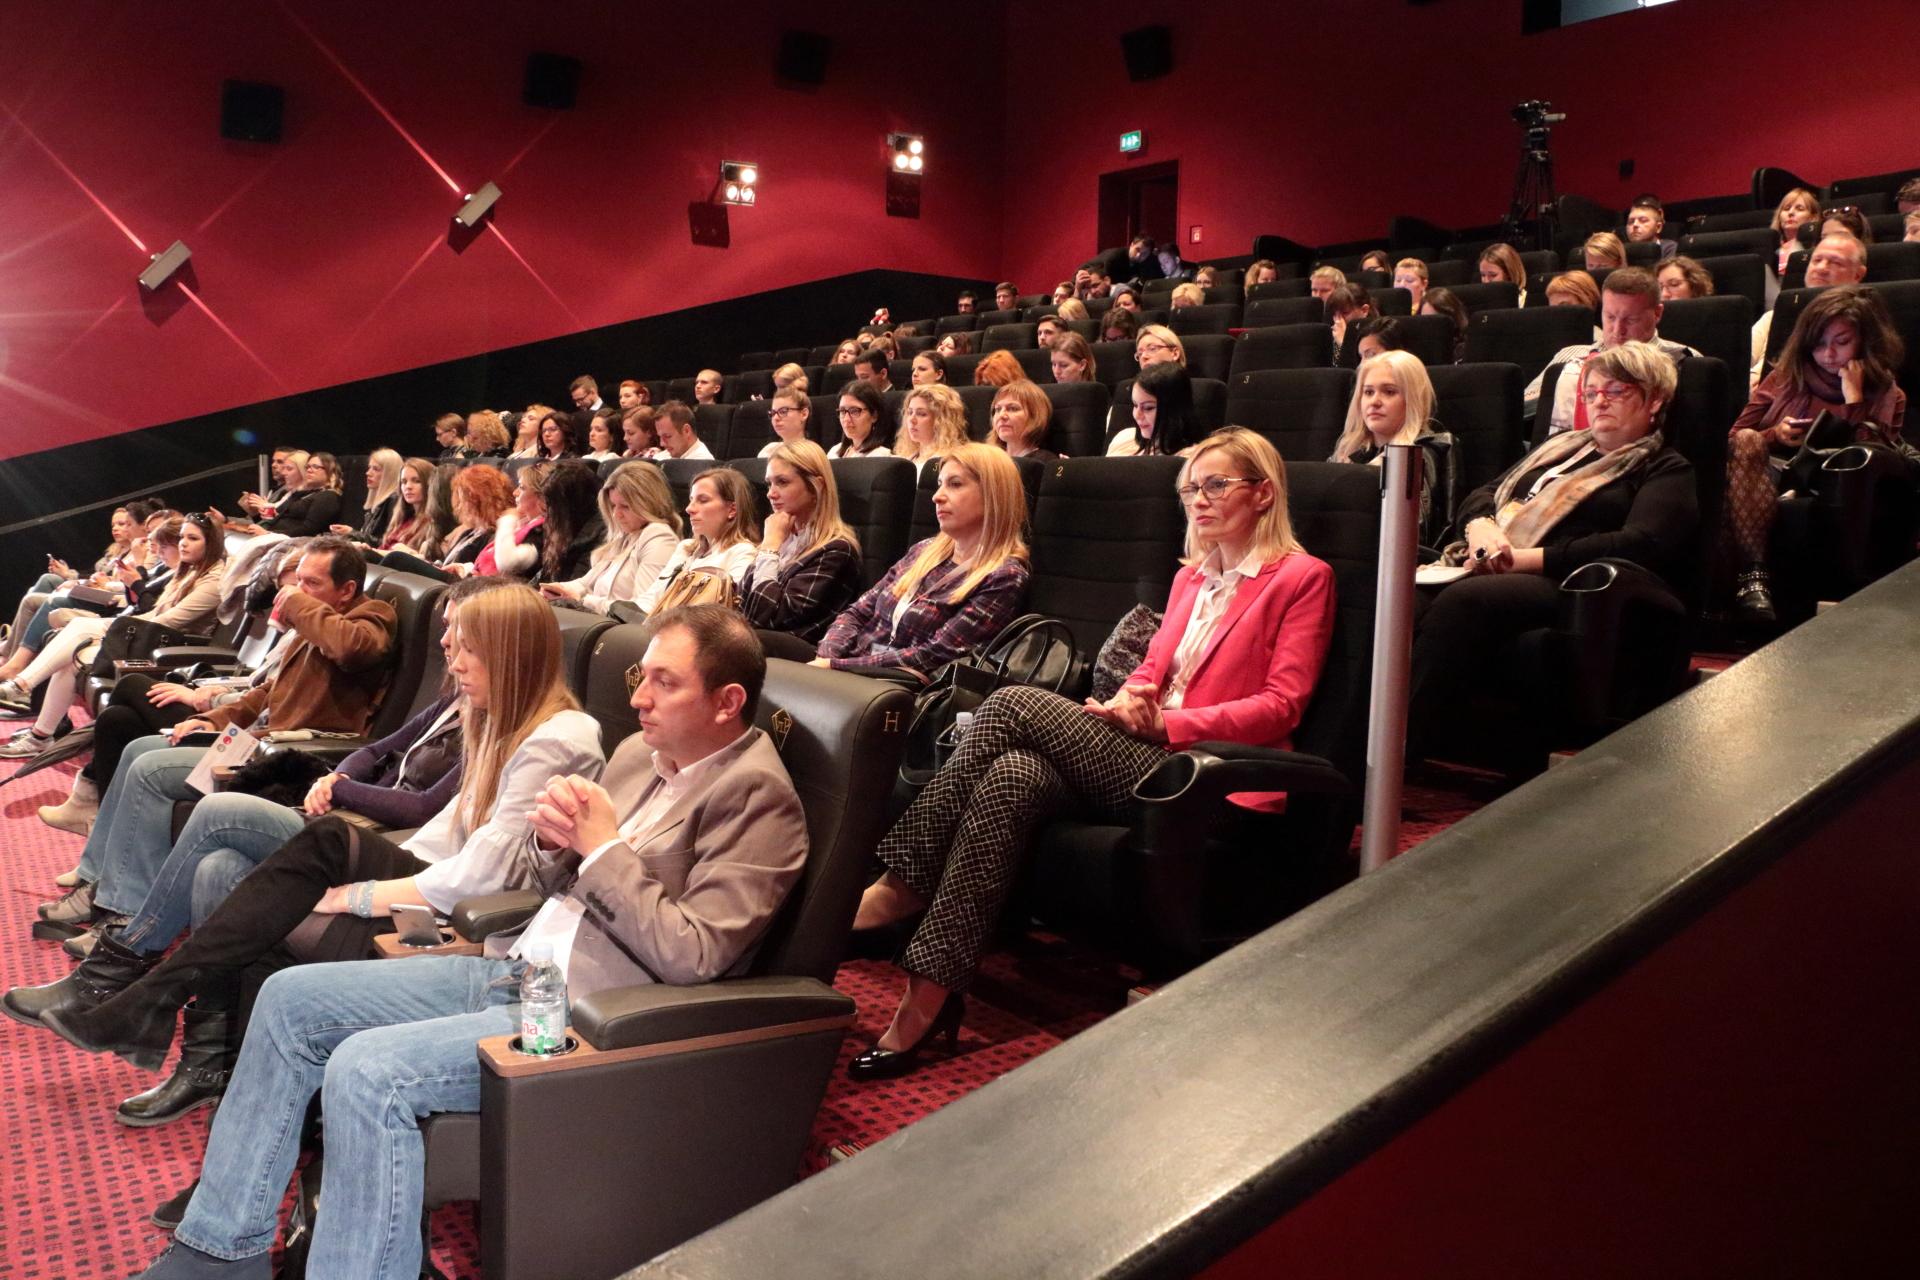 PR pitch konferencija dvorana kino cinestar zagre